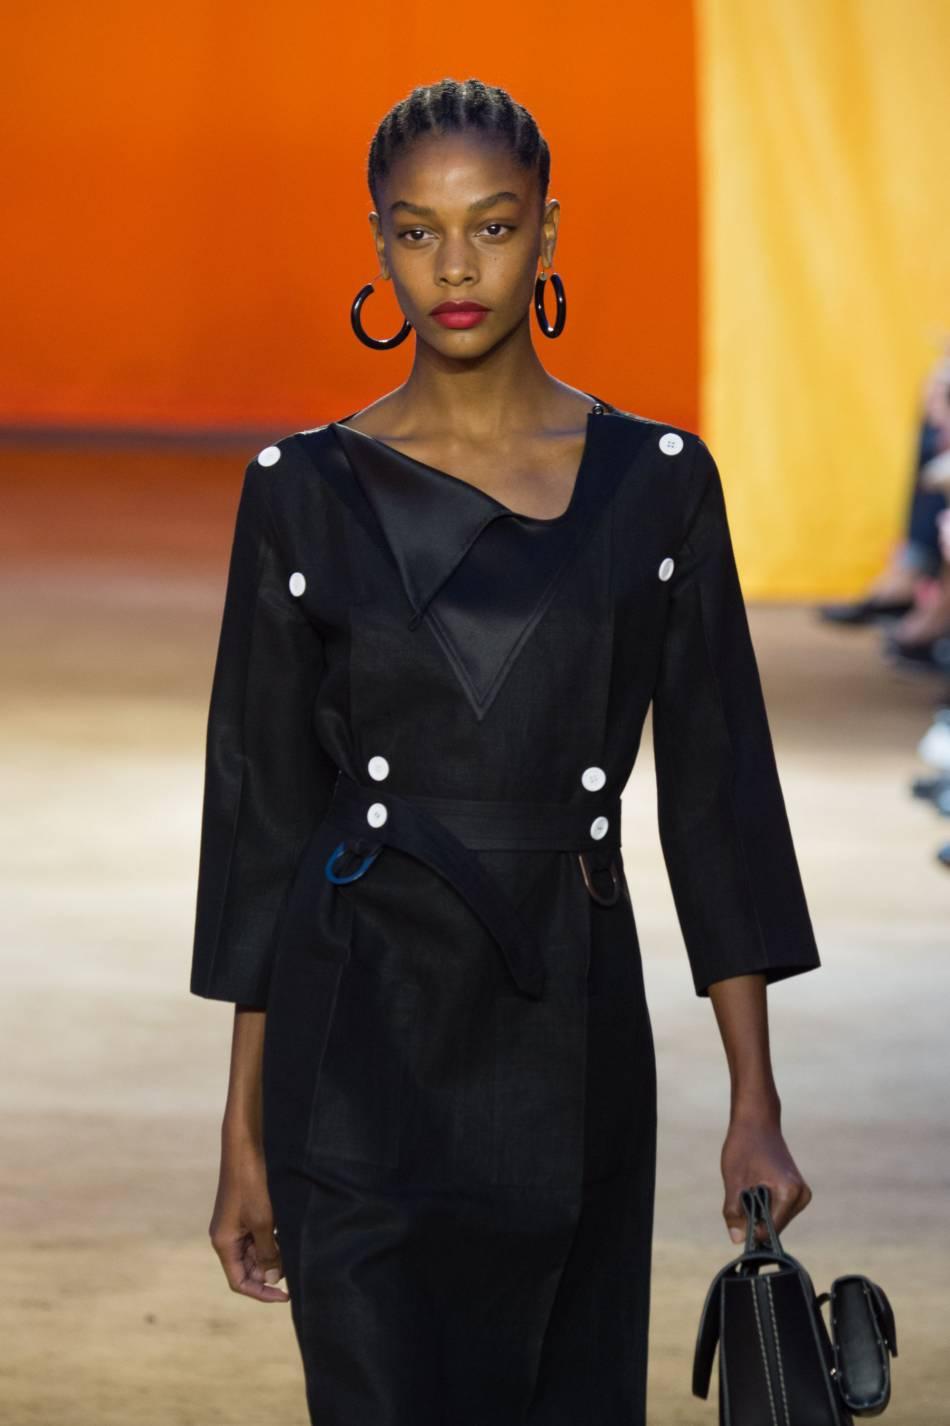 Les tresses africaines très plaquées du défilé Céline Printemps-Eté 2016 nous font envie.